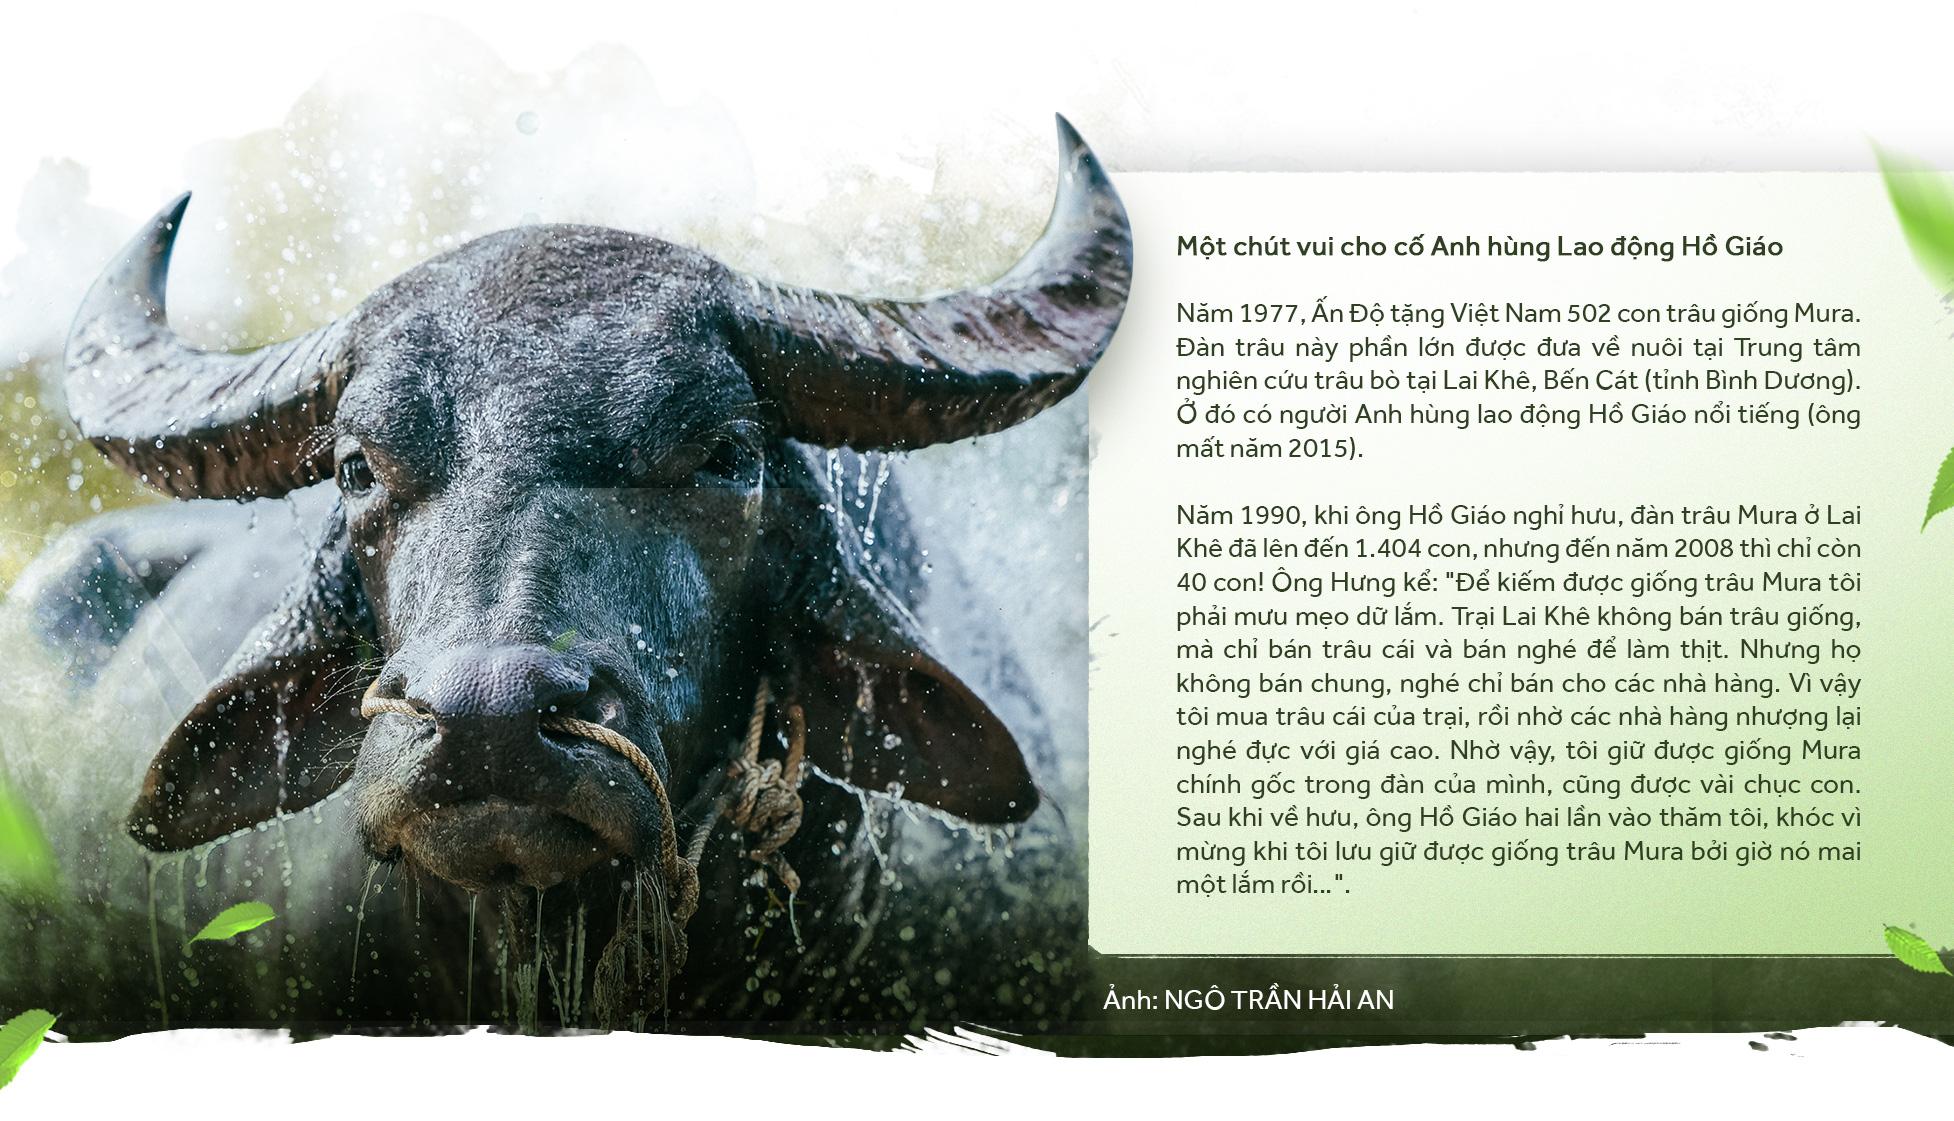 Gặp vua trâu nghe kể chuyện trâu vua - Ảnh 11.